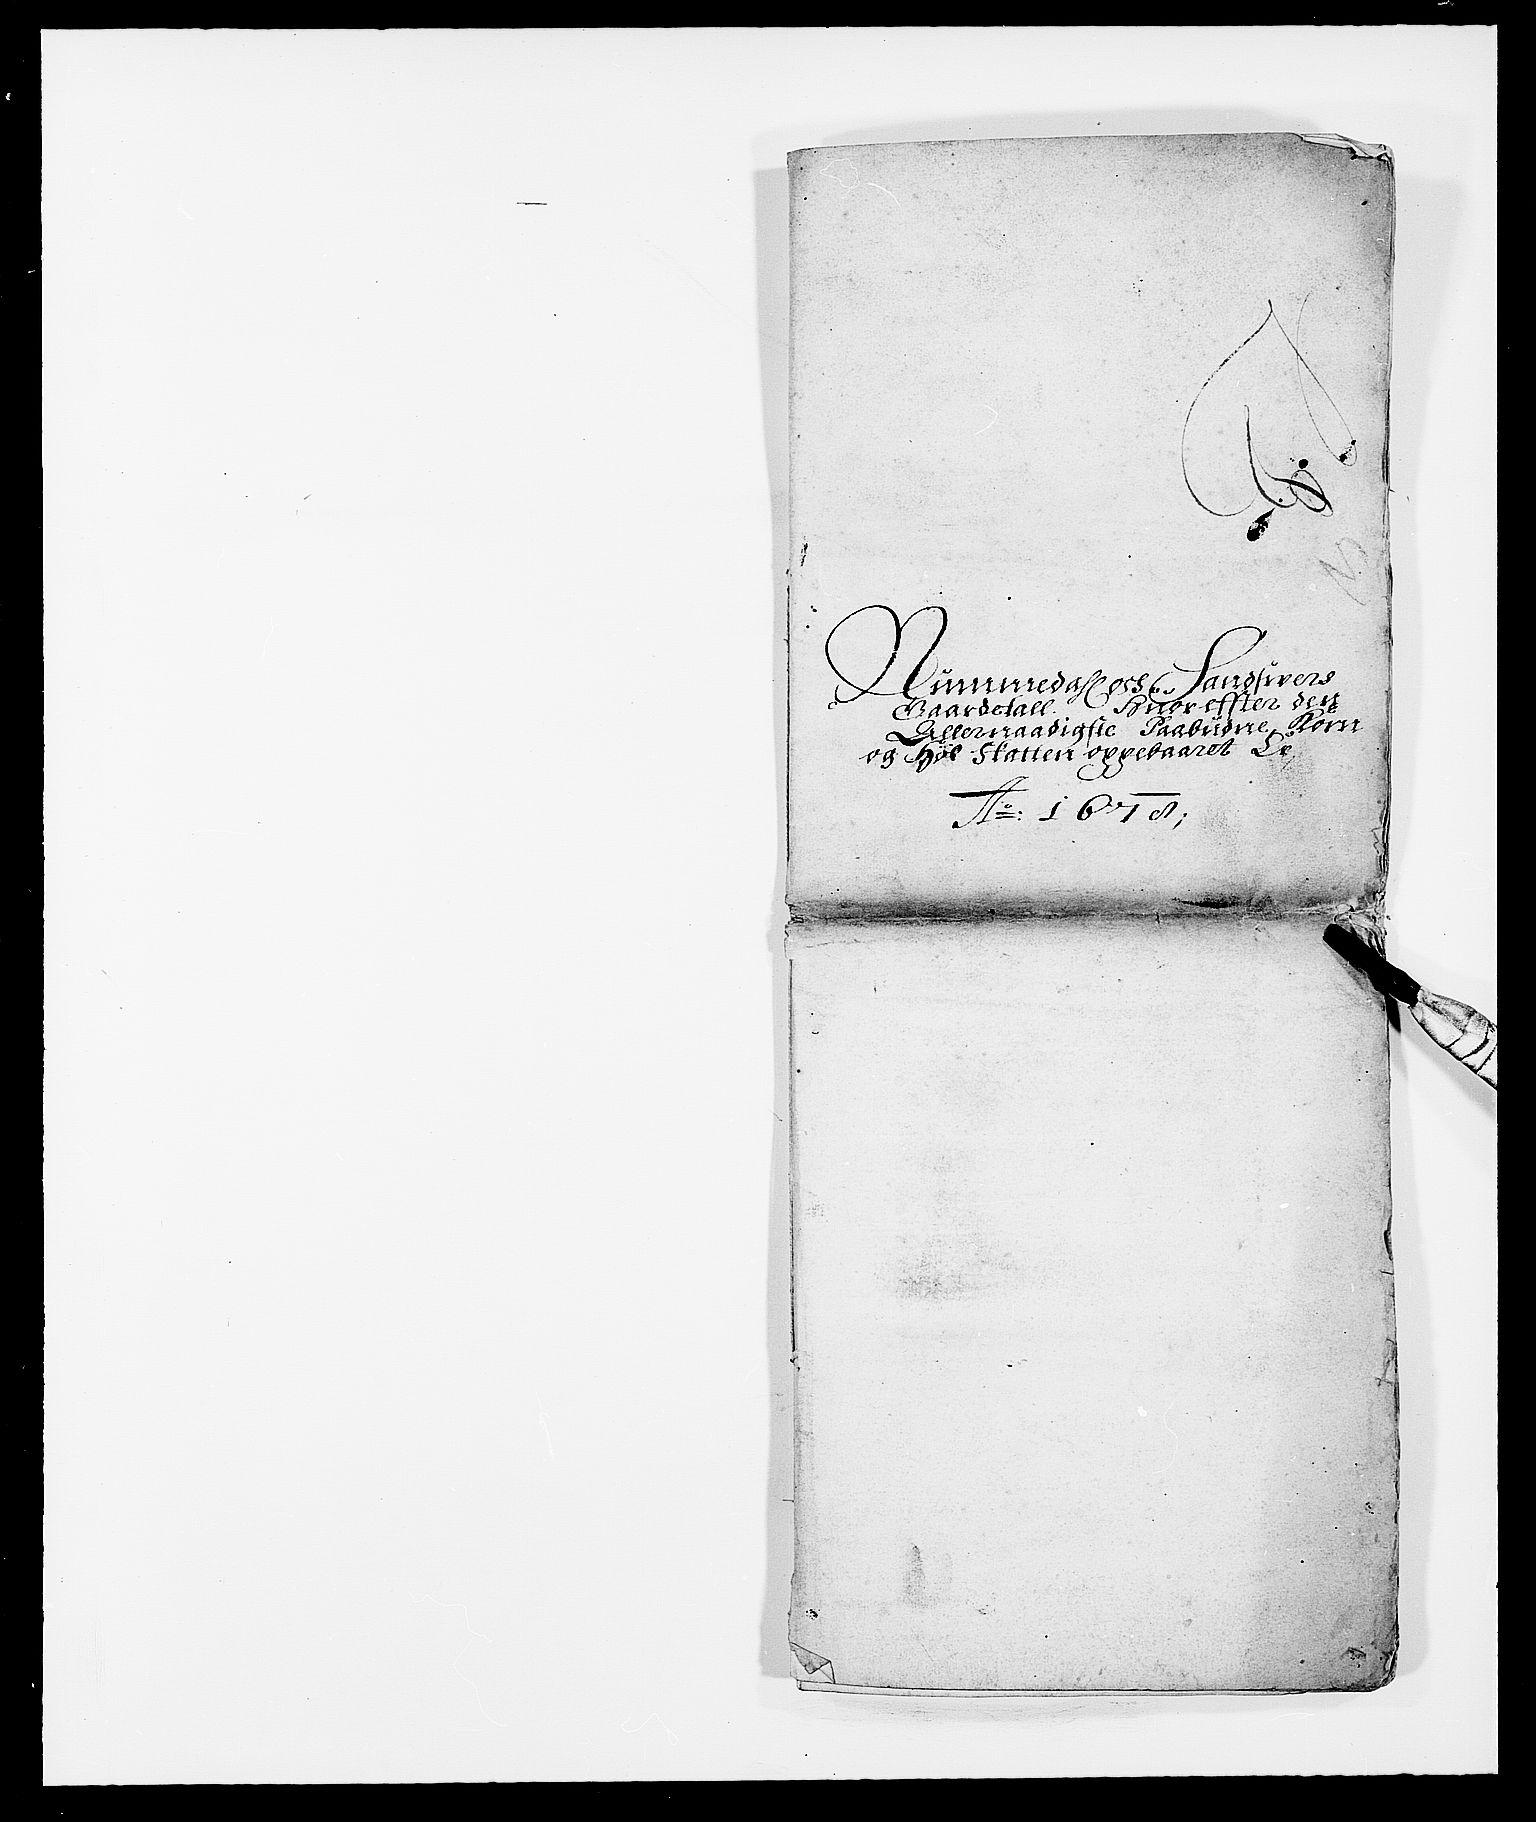 RA, Rentekammeret inntil 1814, Reviderte regnskaper, Fogderegnskap, R24/L1569: Fogderegnskap Numedal og Sandsvær, 1679-1686, s. 4